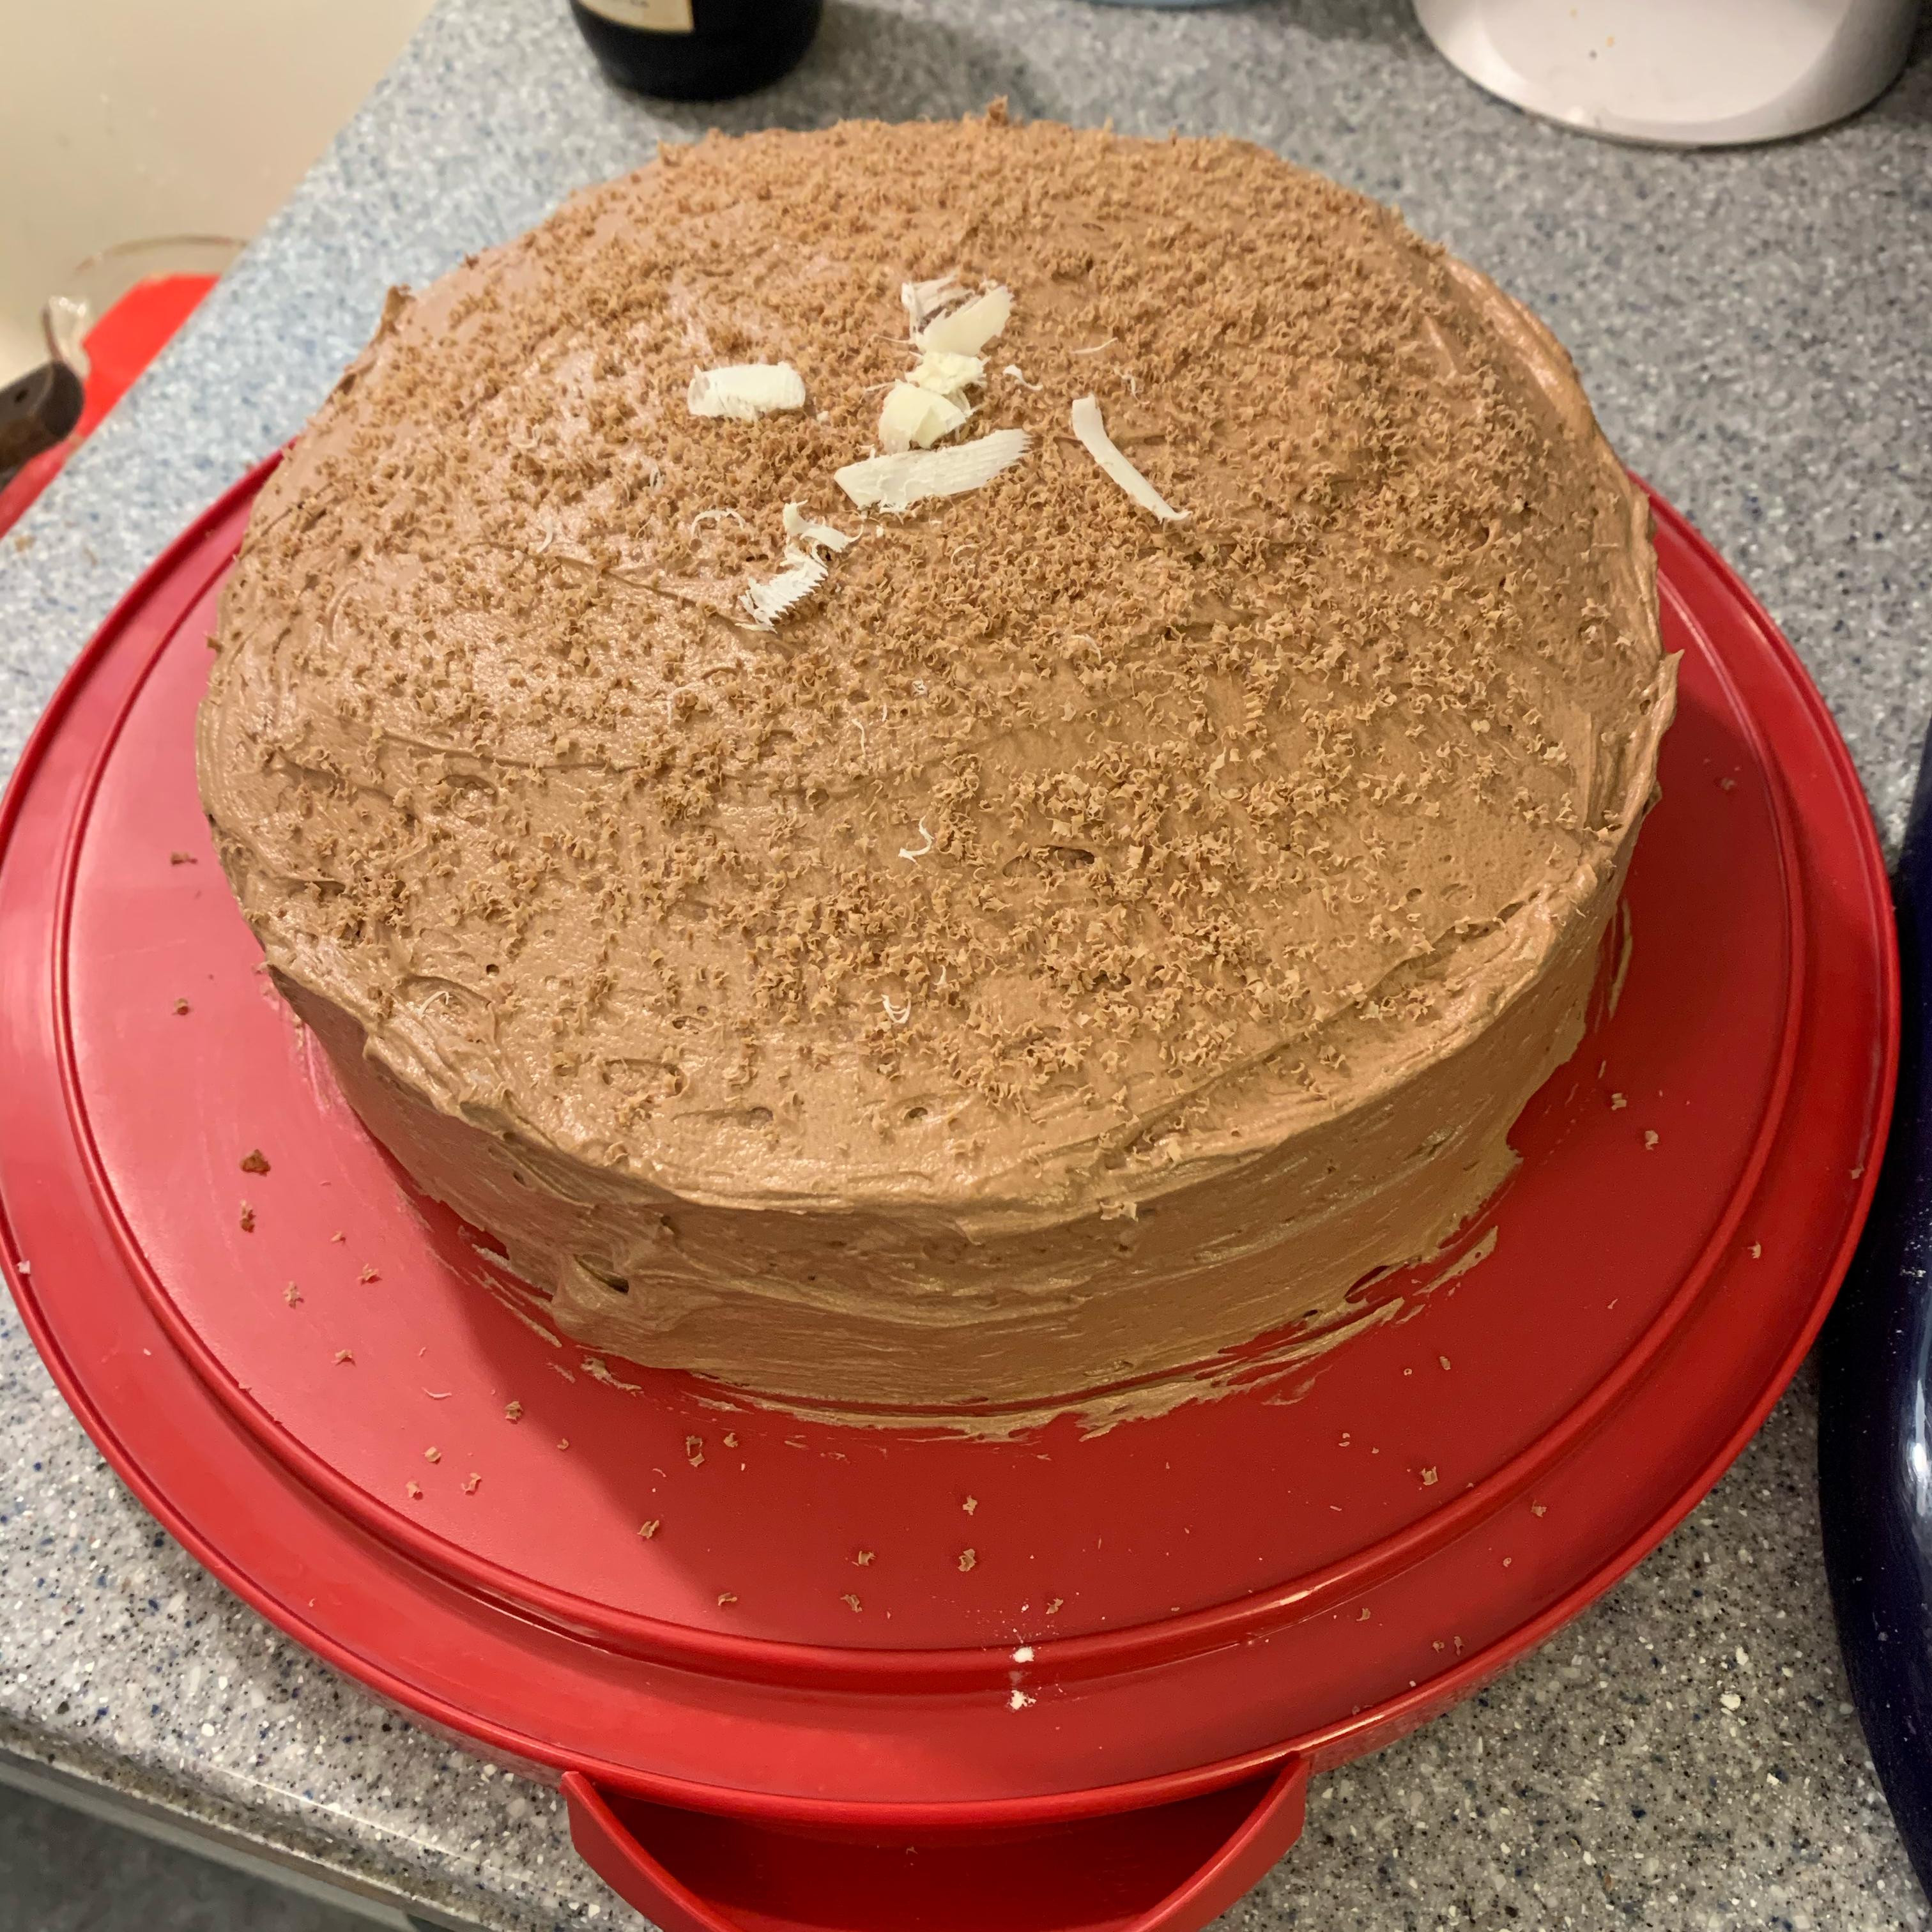 Granny's Mahogany Cake and Frosting Kristina Hood